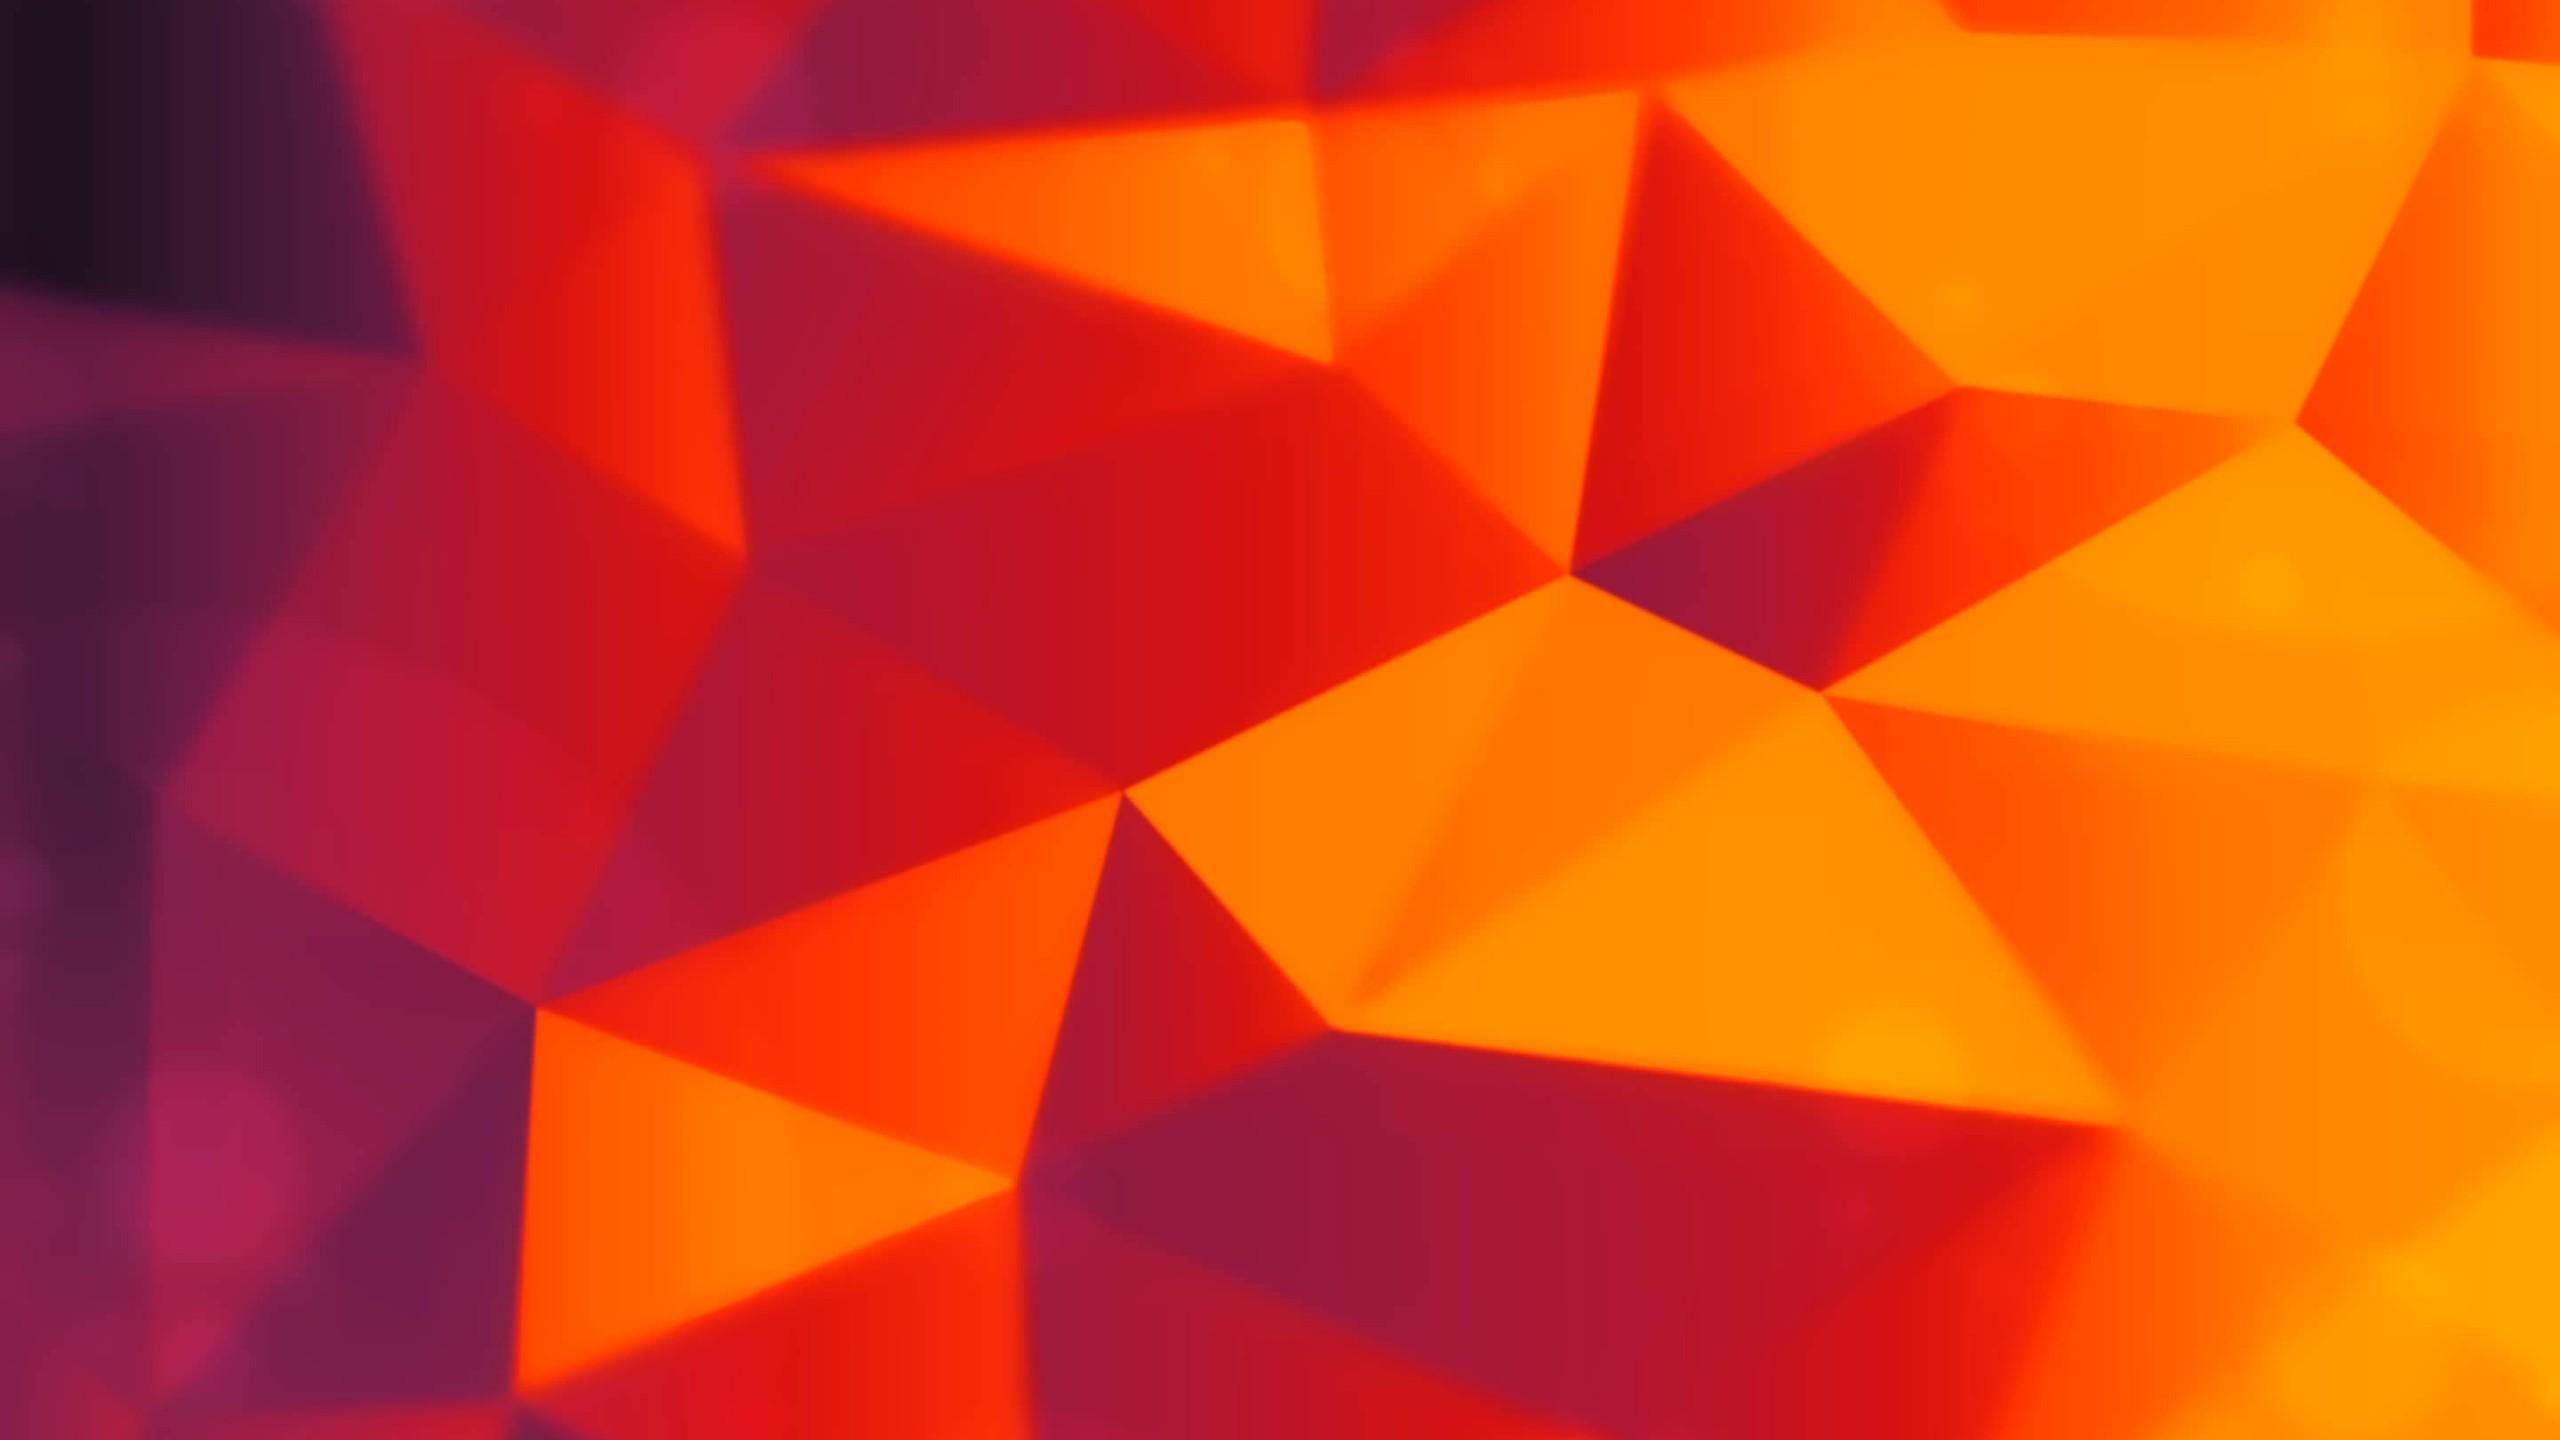 Cool orange backgrounds for Orange wallpaper